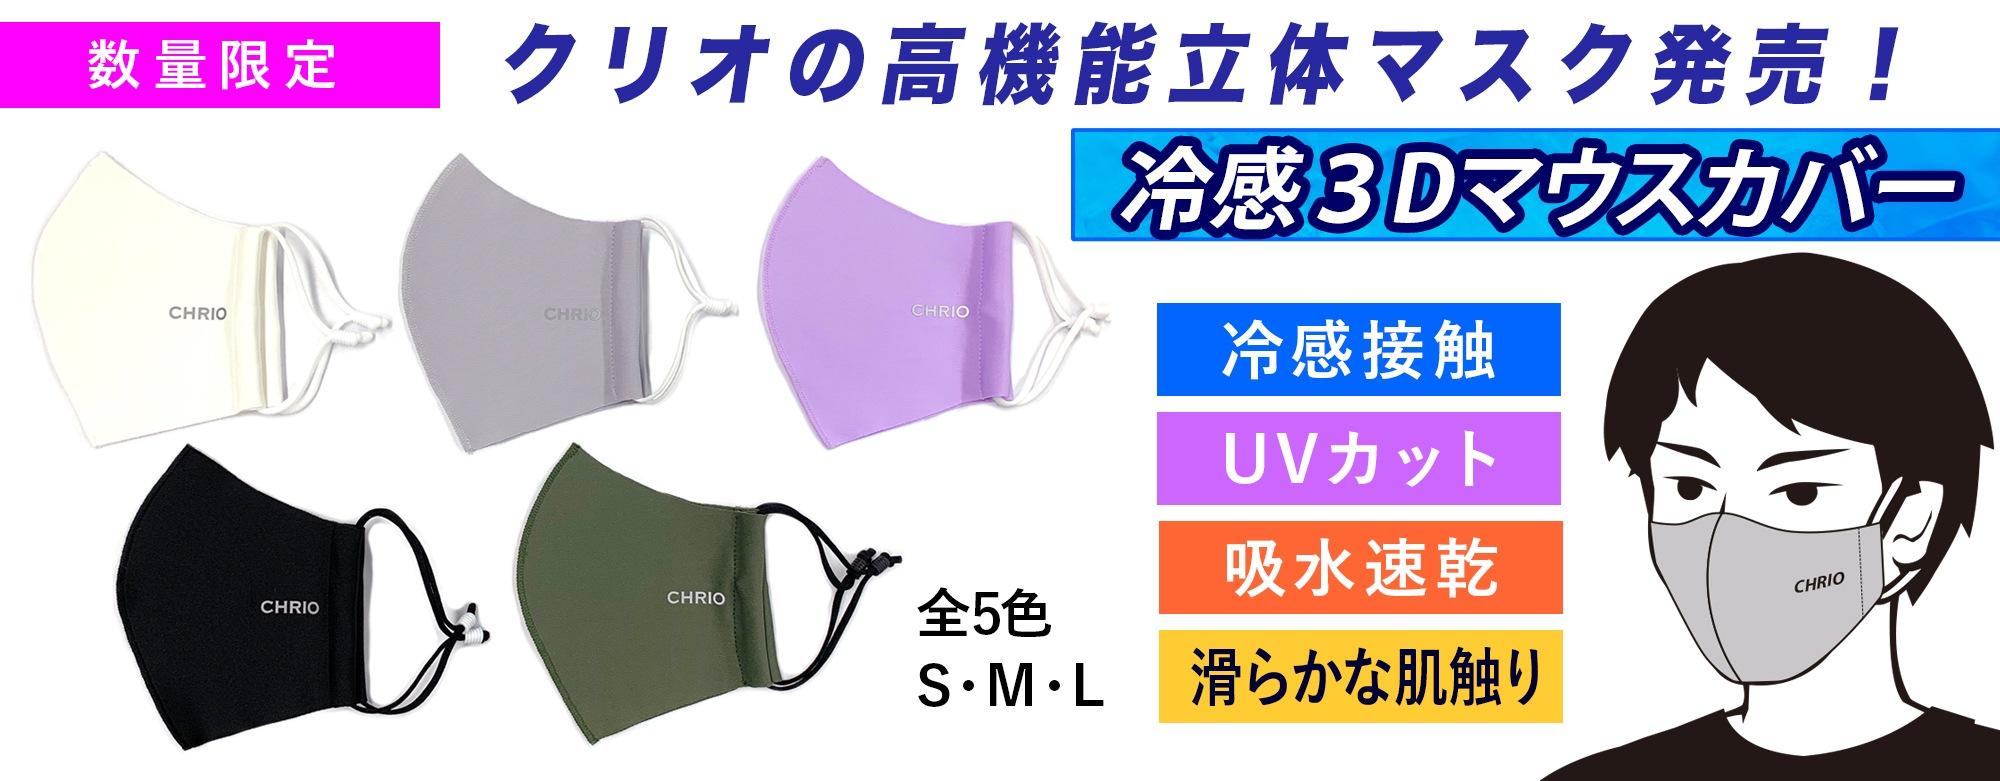 冷感3Dマウスカバー【数量限定】新発売